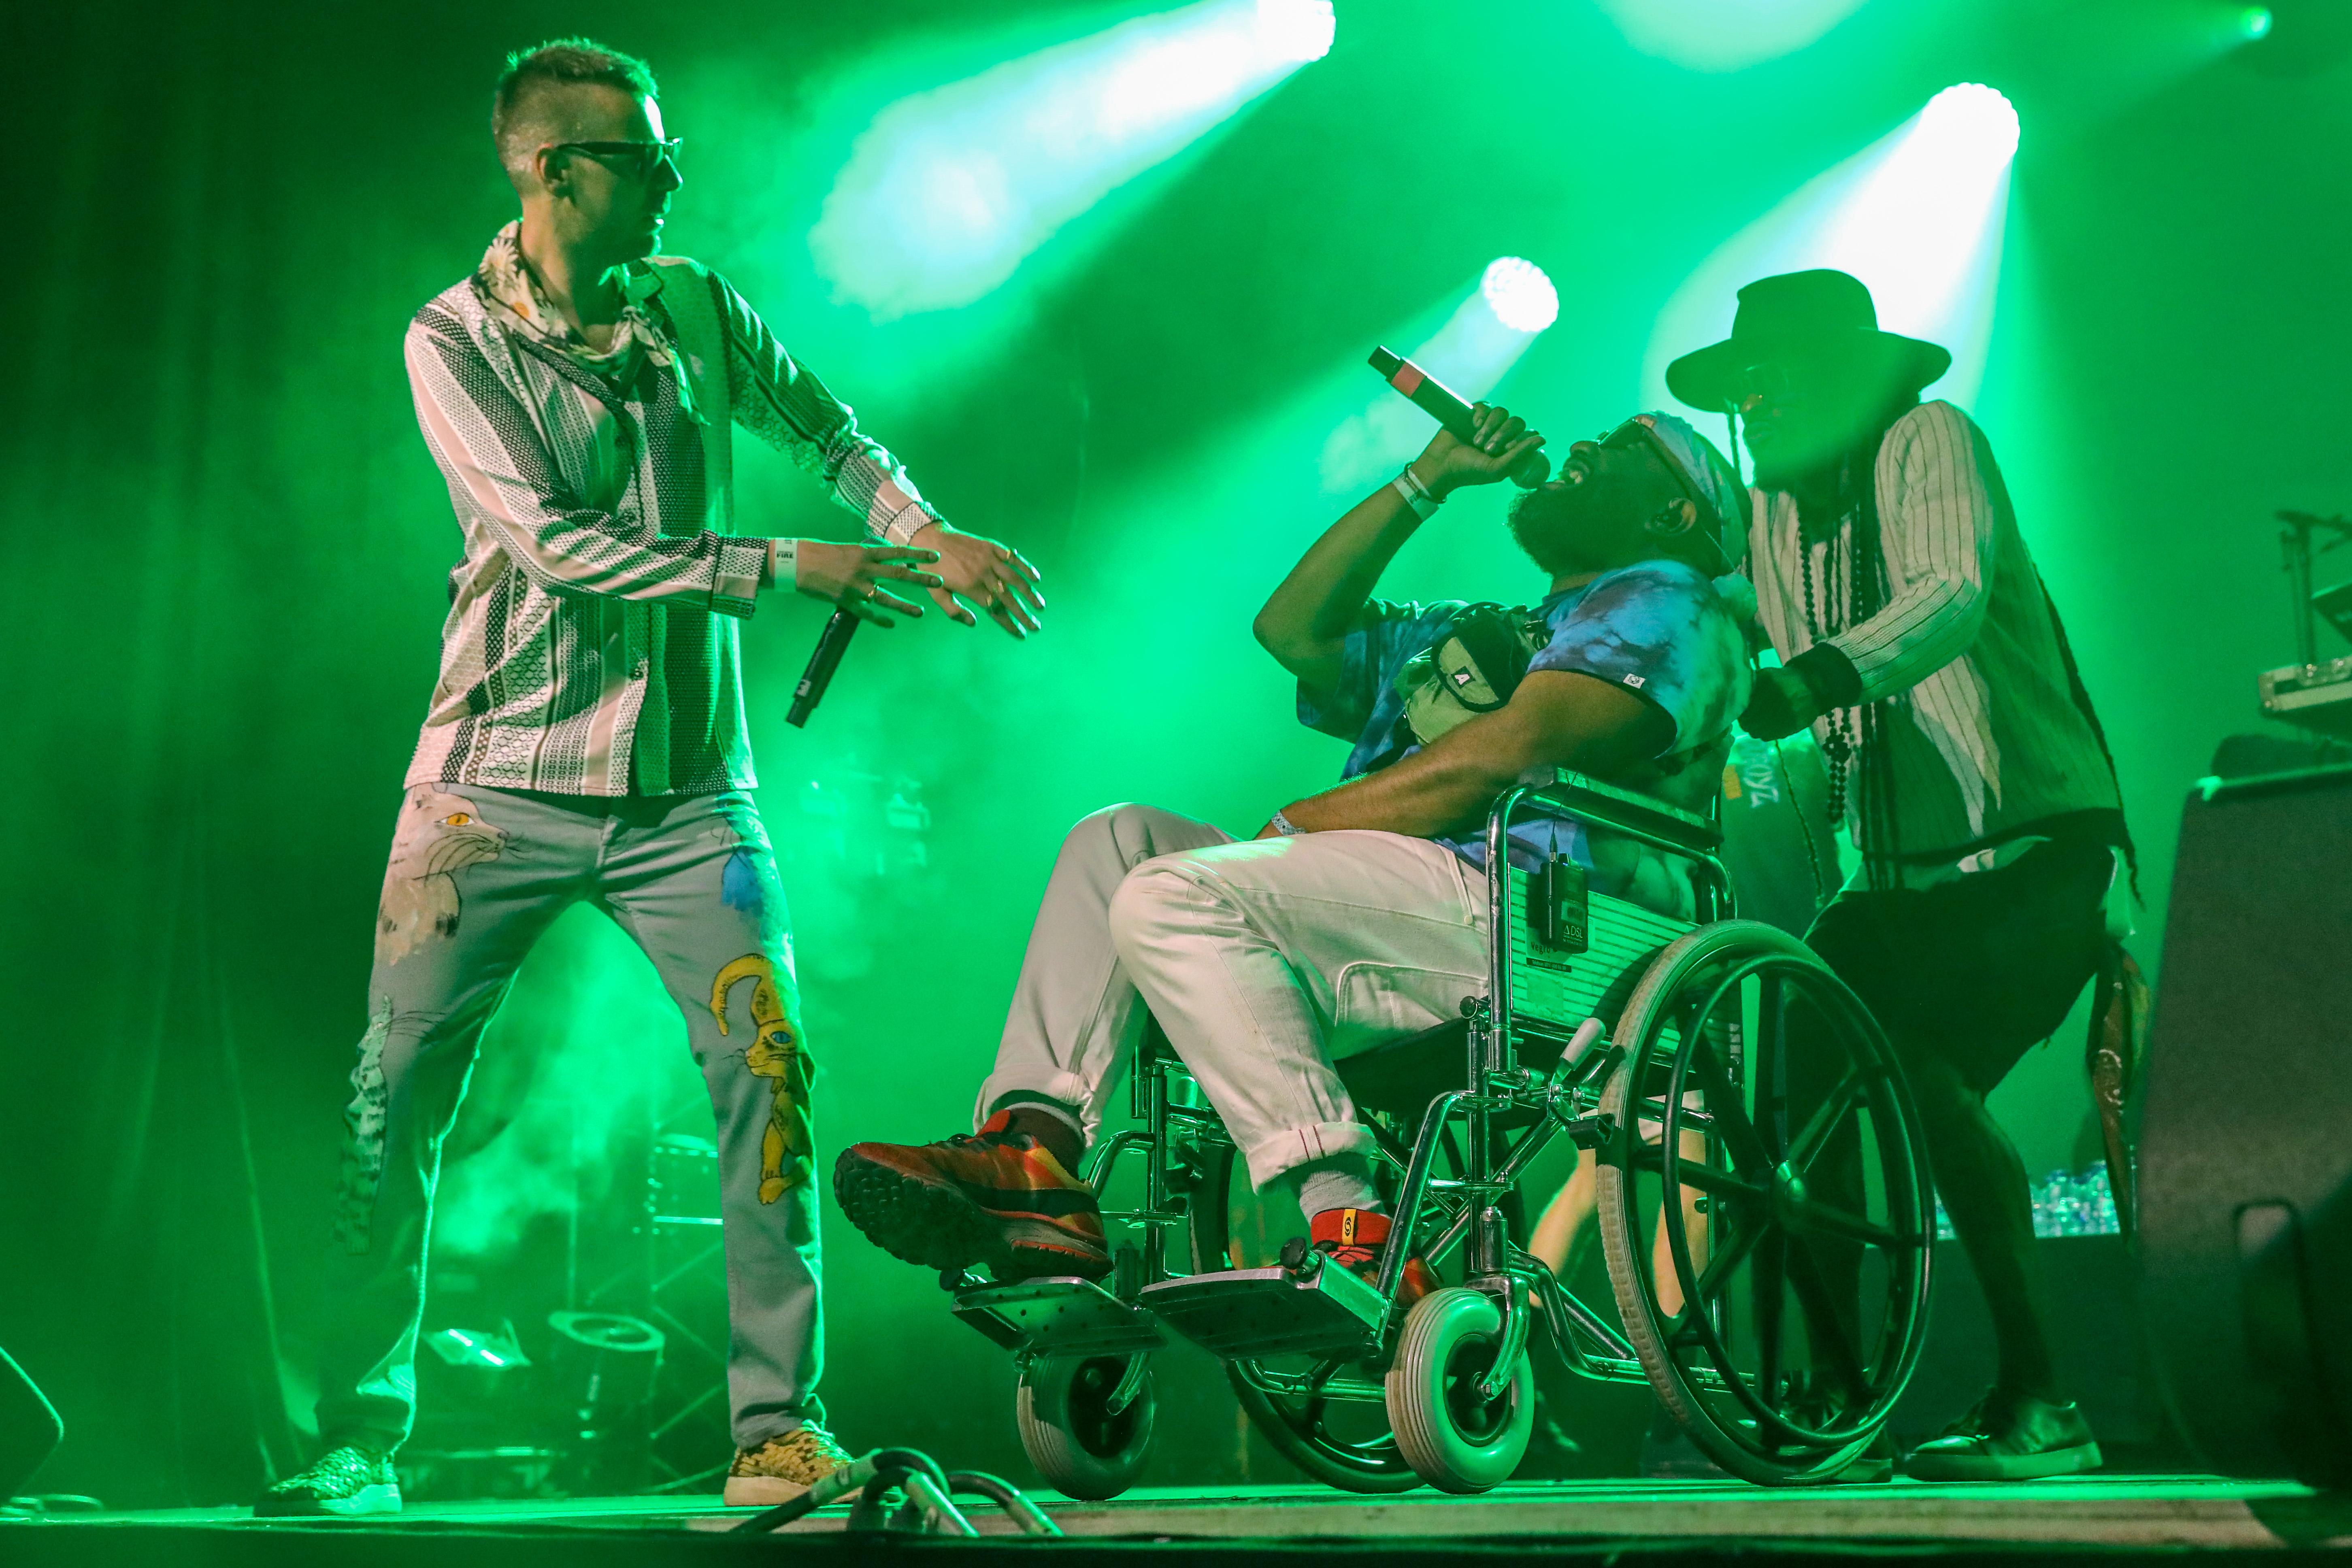 Op de Willy Wartaal van De Jeugd van Tegenwoordig. Ondanks het feit dat hij in een rolstoel zit, wisten de mannen van De Jeugd van Tegenwoordig de tent op zijn kop te zetten. (Foto: Vincent de Vries/RM)